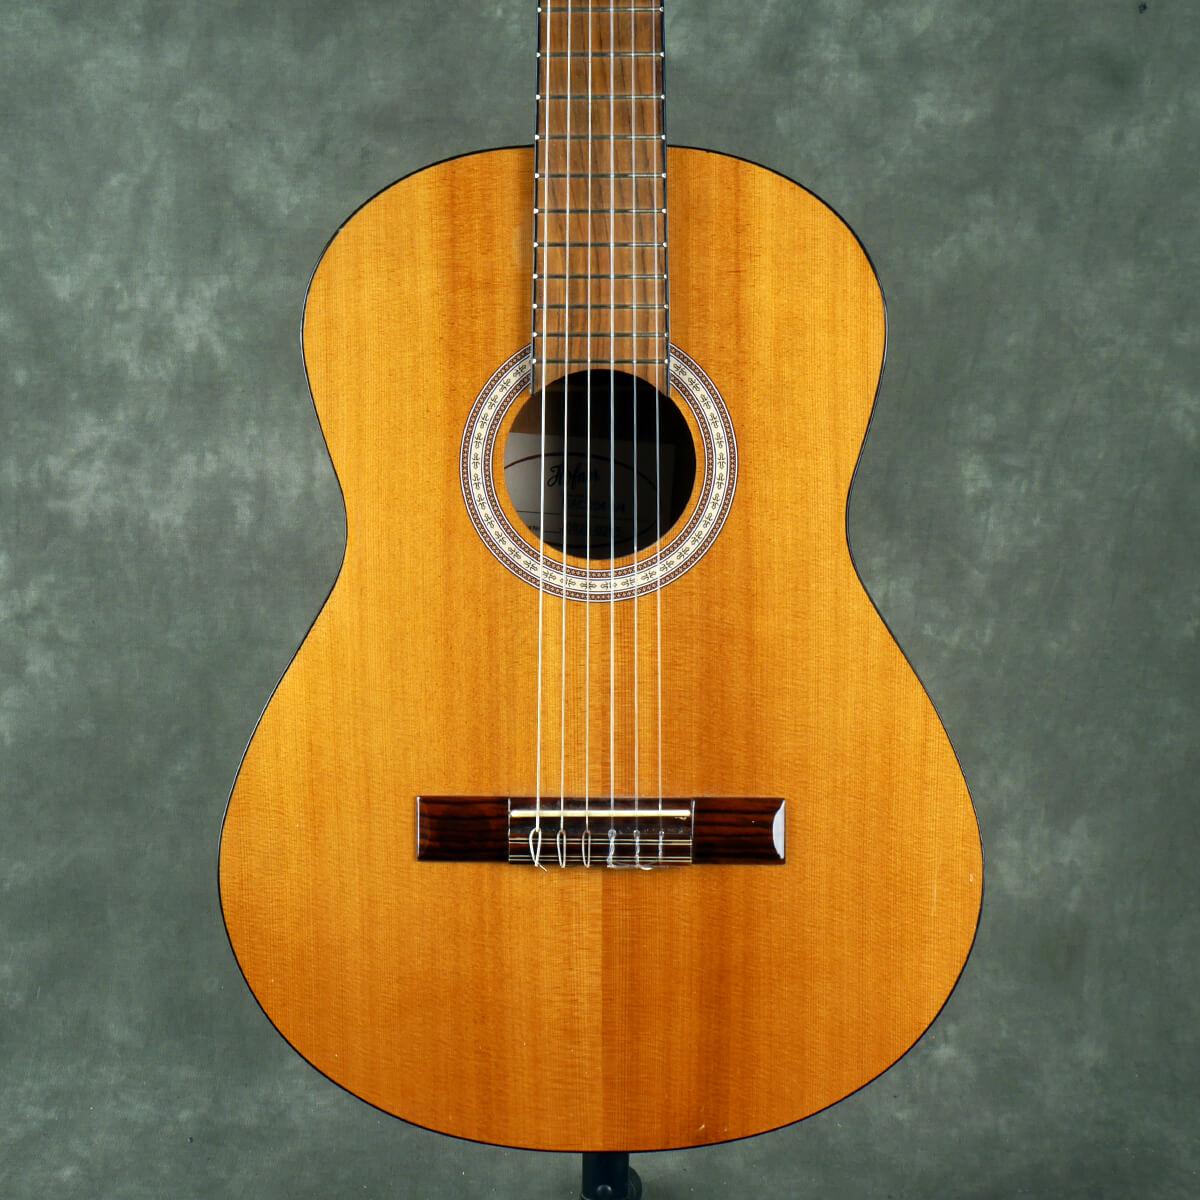 Hofner HA204 3/4 Classical Guitar - Natural - 2nd Hand